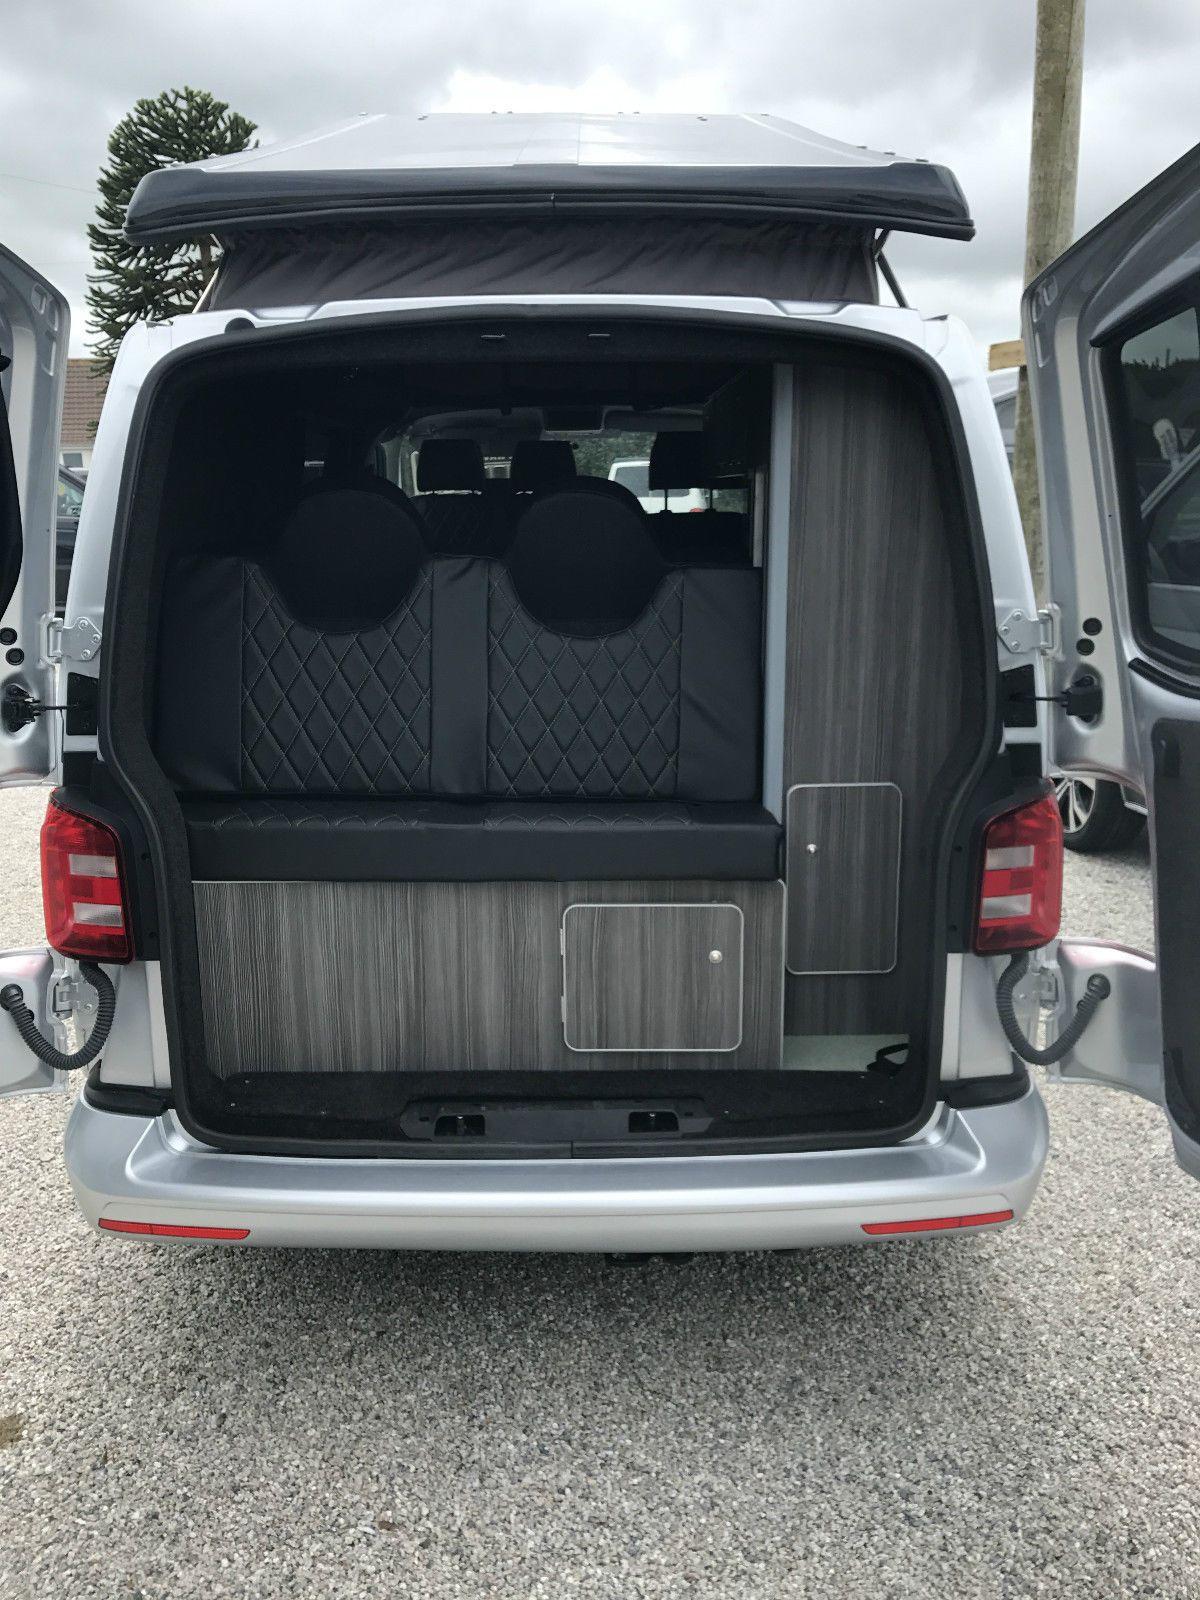 2016 Volkswagen Vw Transporter T6 102 Ps Pop Top New